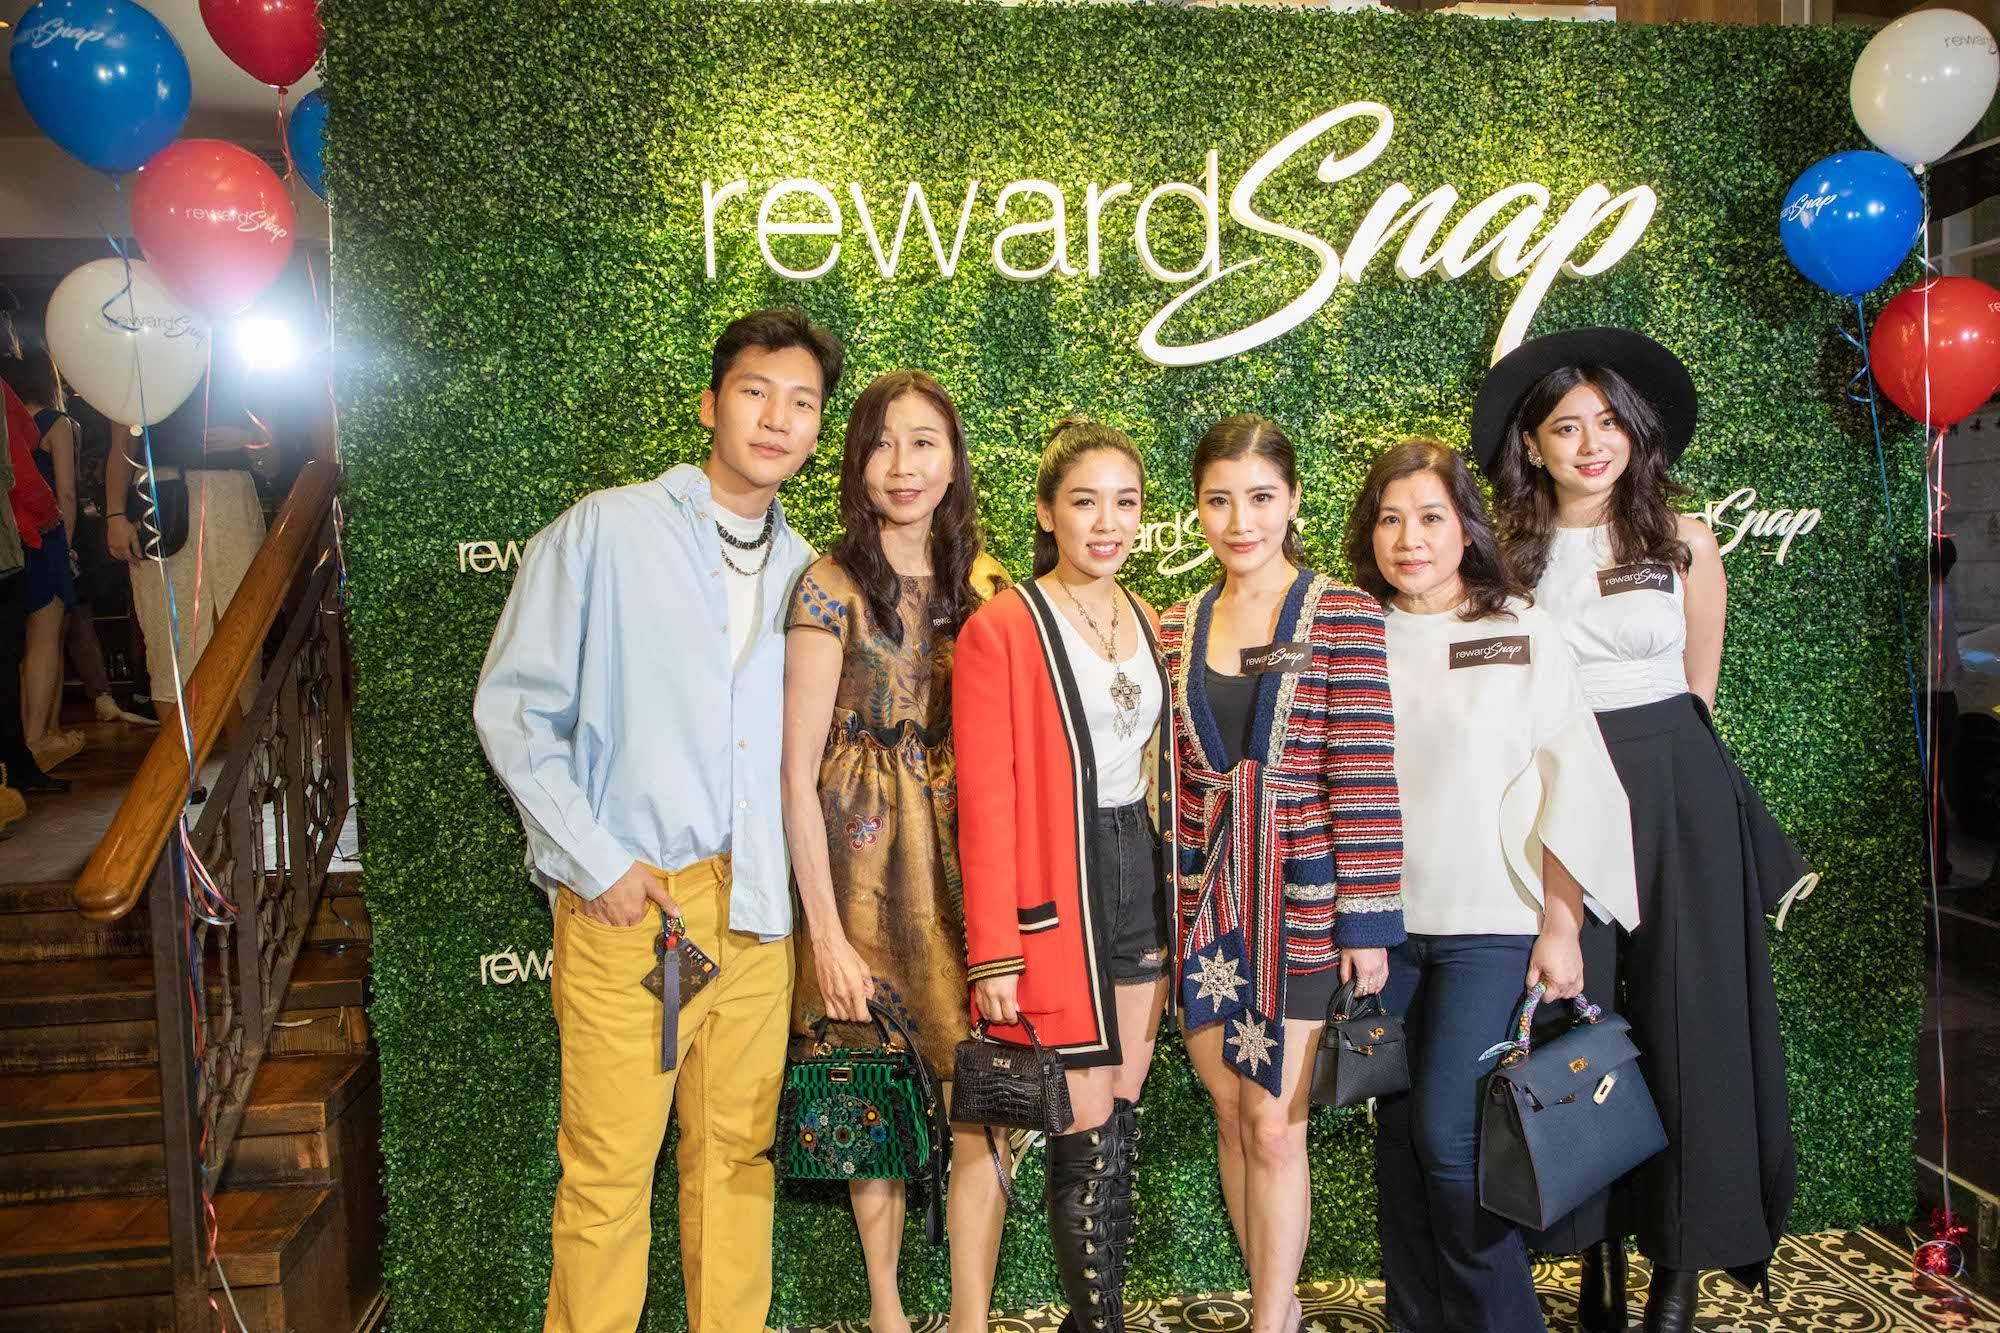 Koh Li Tim, Joyce Lim, Carmen Yim, Chryseis Tan, Esther Tan, Mimi Chen